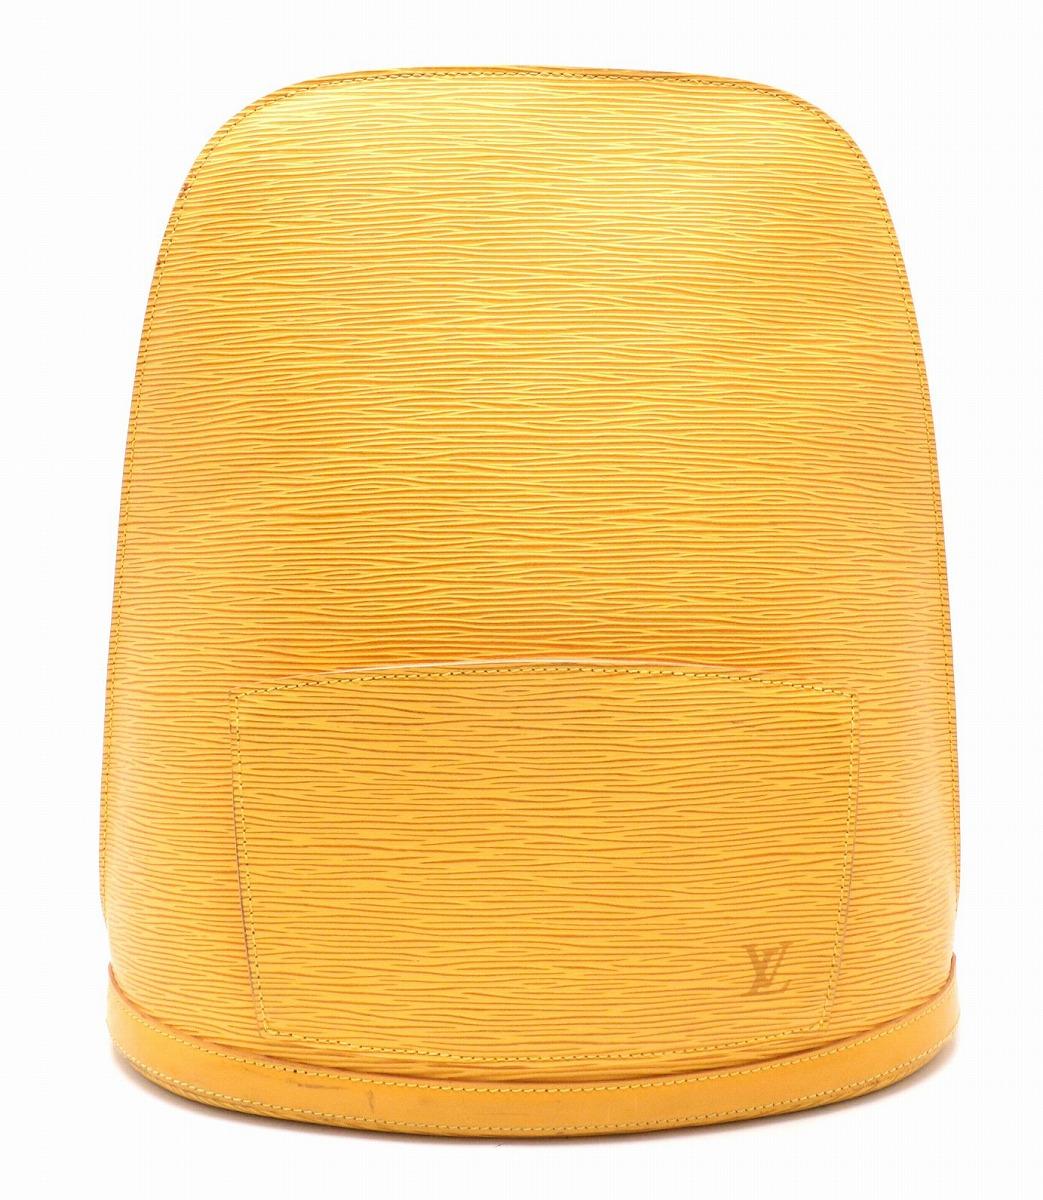 【バッグ】LOUIS VUITTON ルイ ヴィトン エピ コブラン リュック レザー タッシリイエロー 黄色 M52299 【中古】【k】